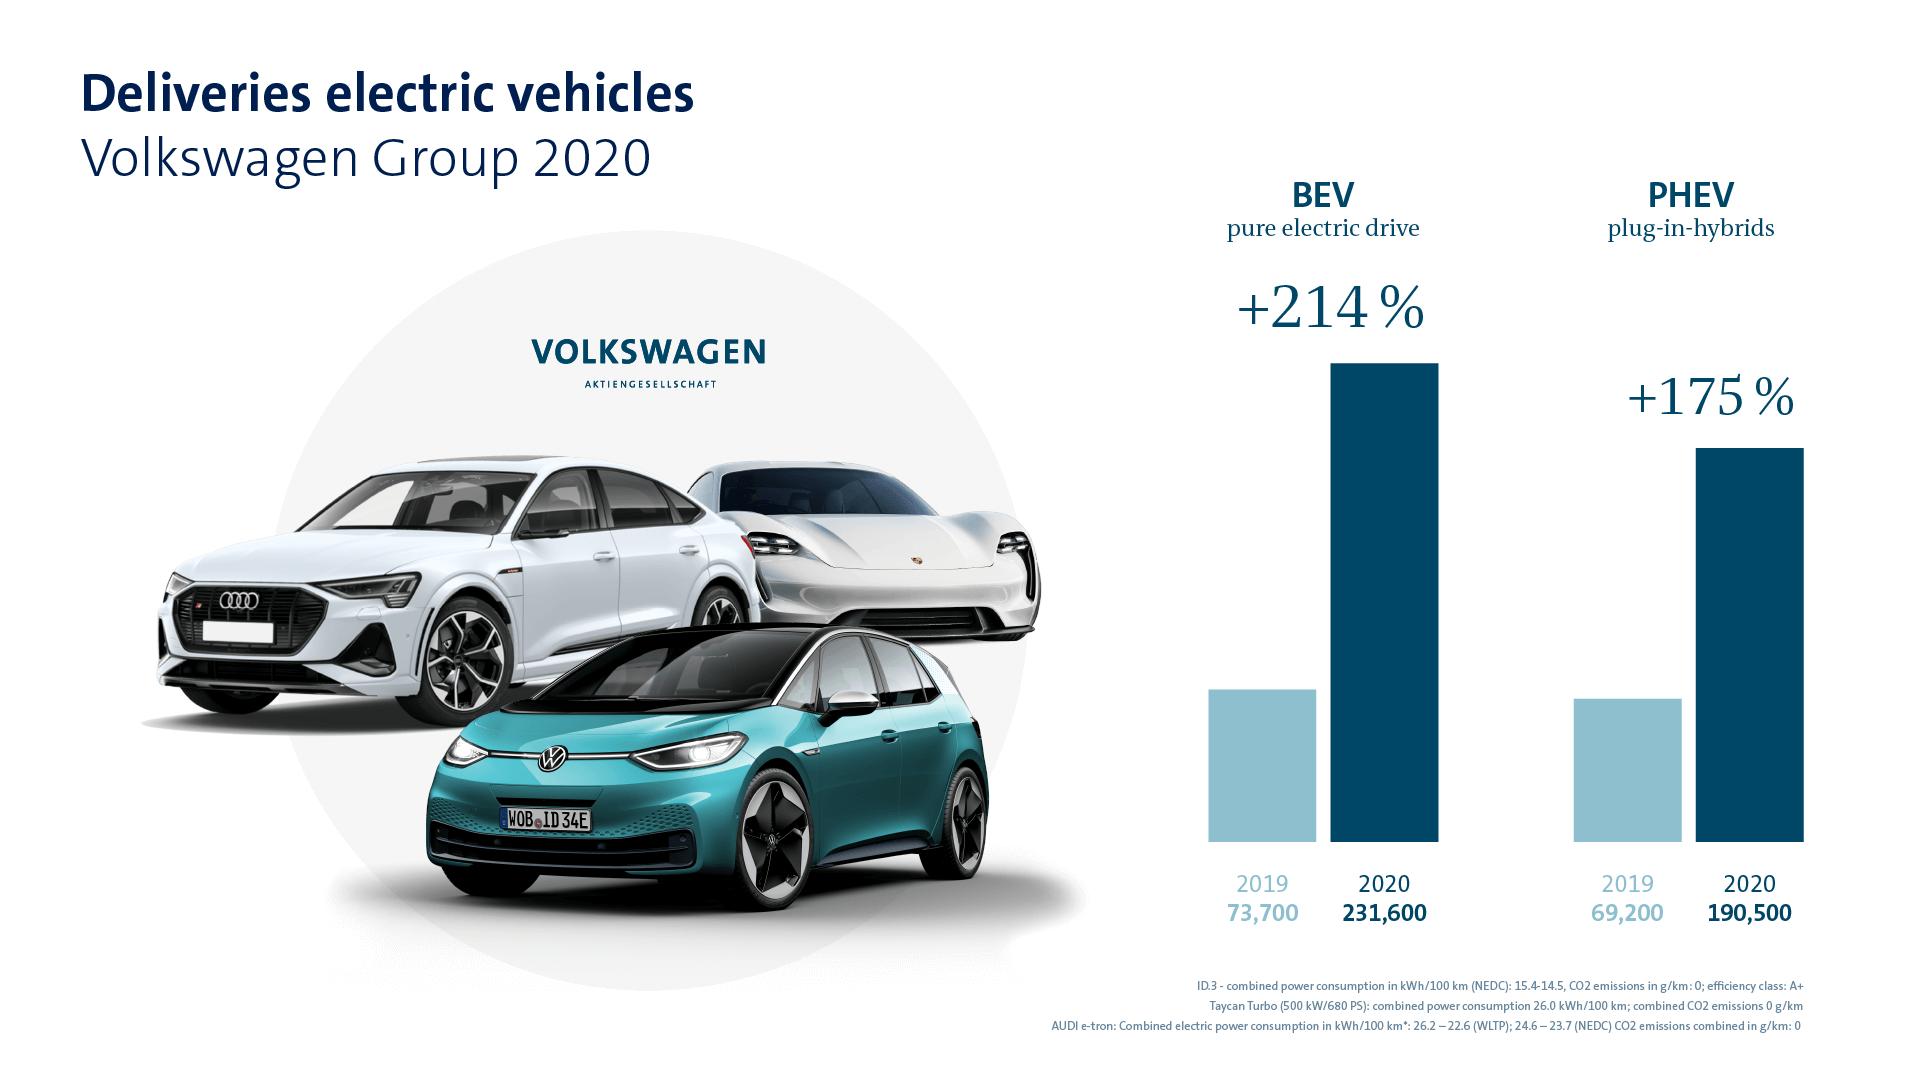 Παραδόσεις ηλεκτρικών οχημάτων - Volkswagen Group 2020 e-offensive